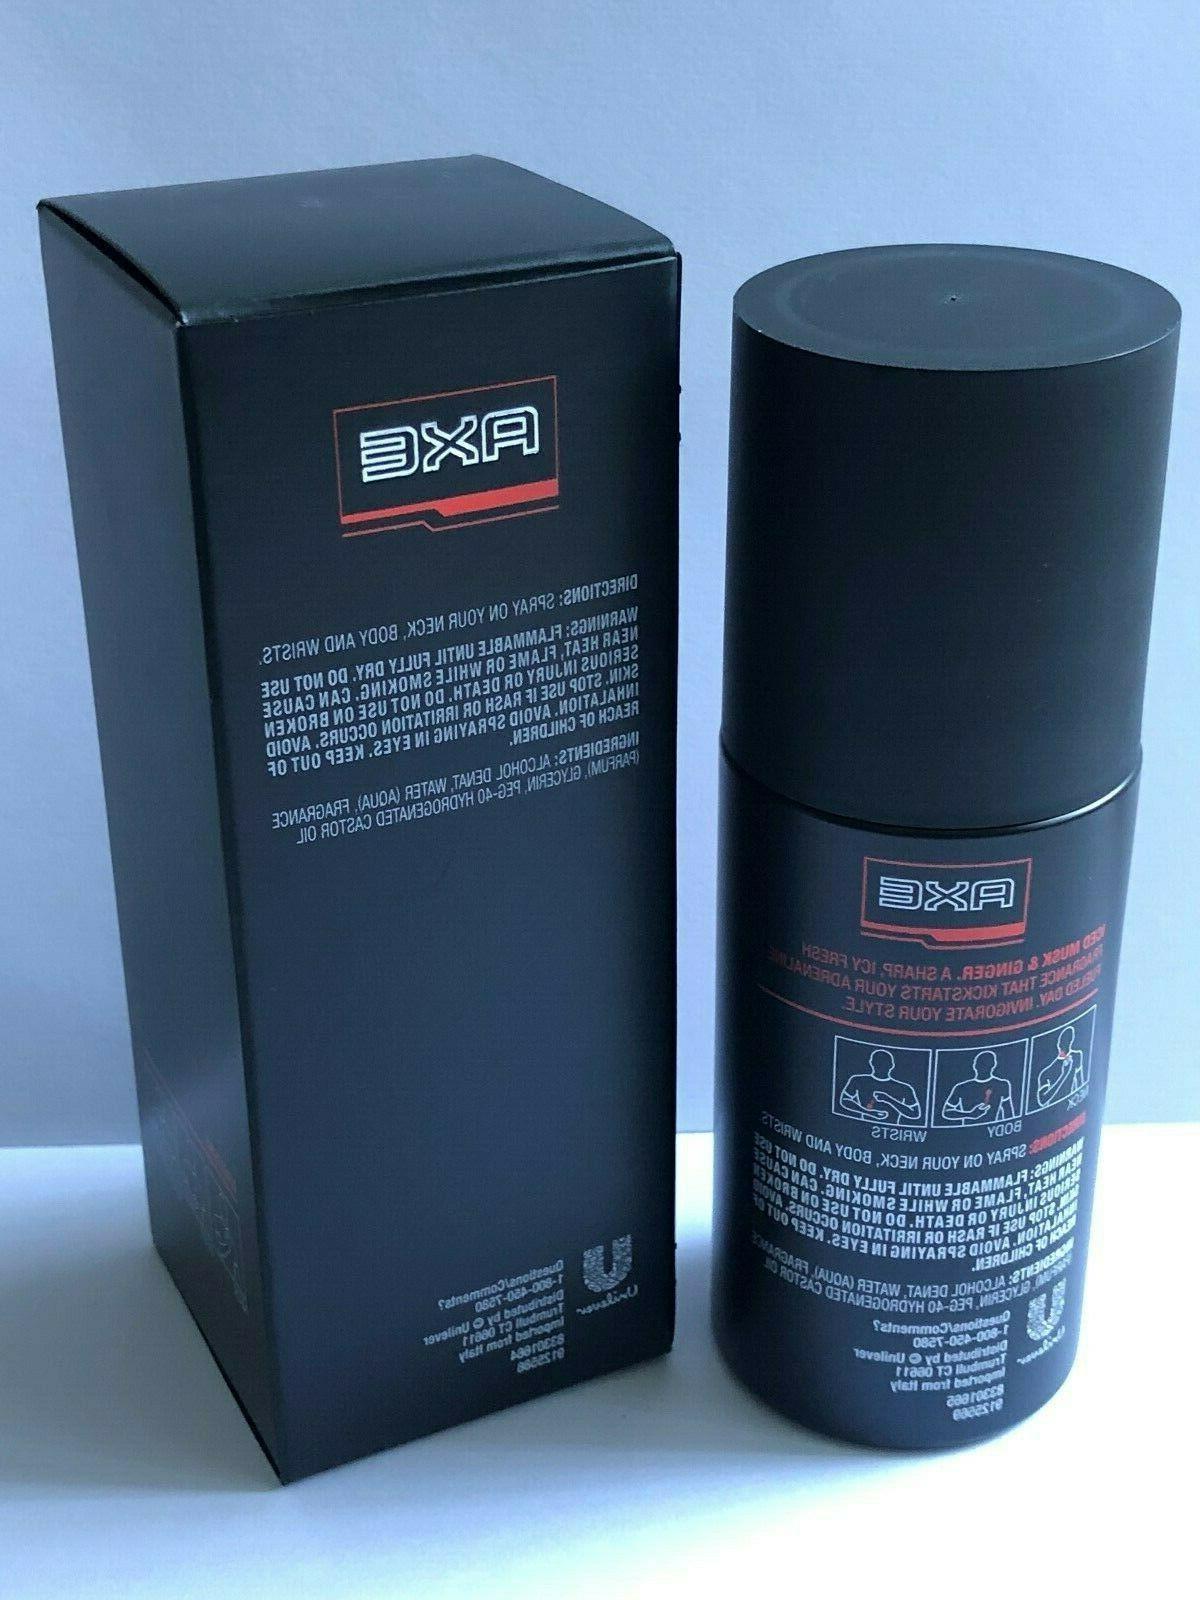 AXE Men's Iced Musk & 3.38oz/100mL. Fragrance .New In Box